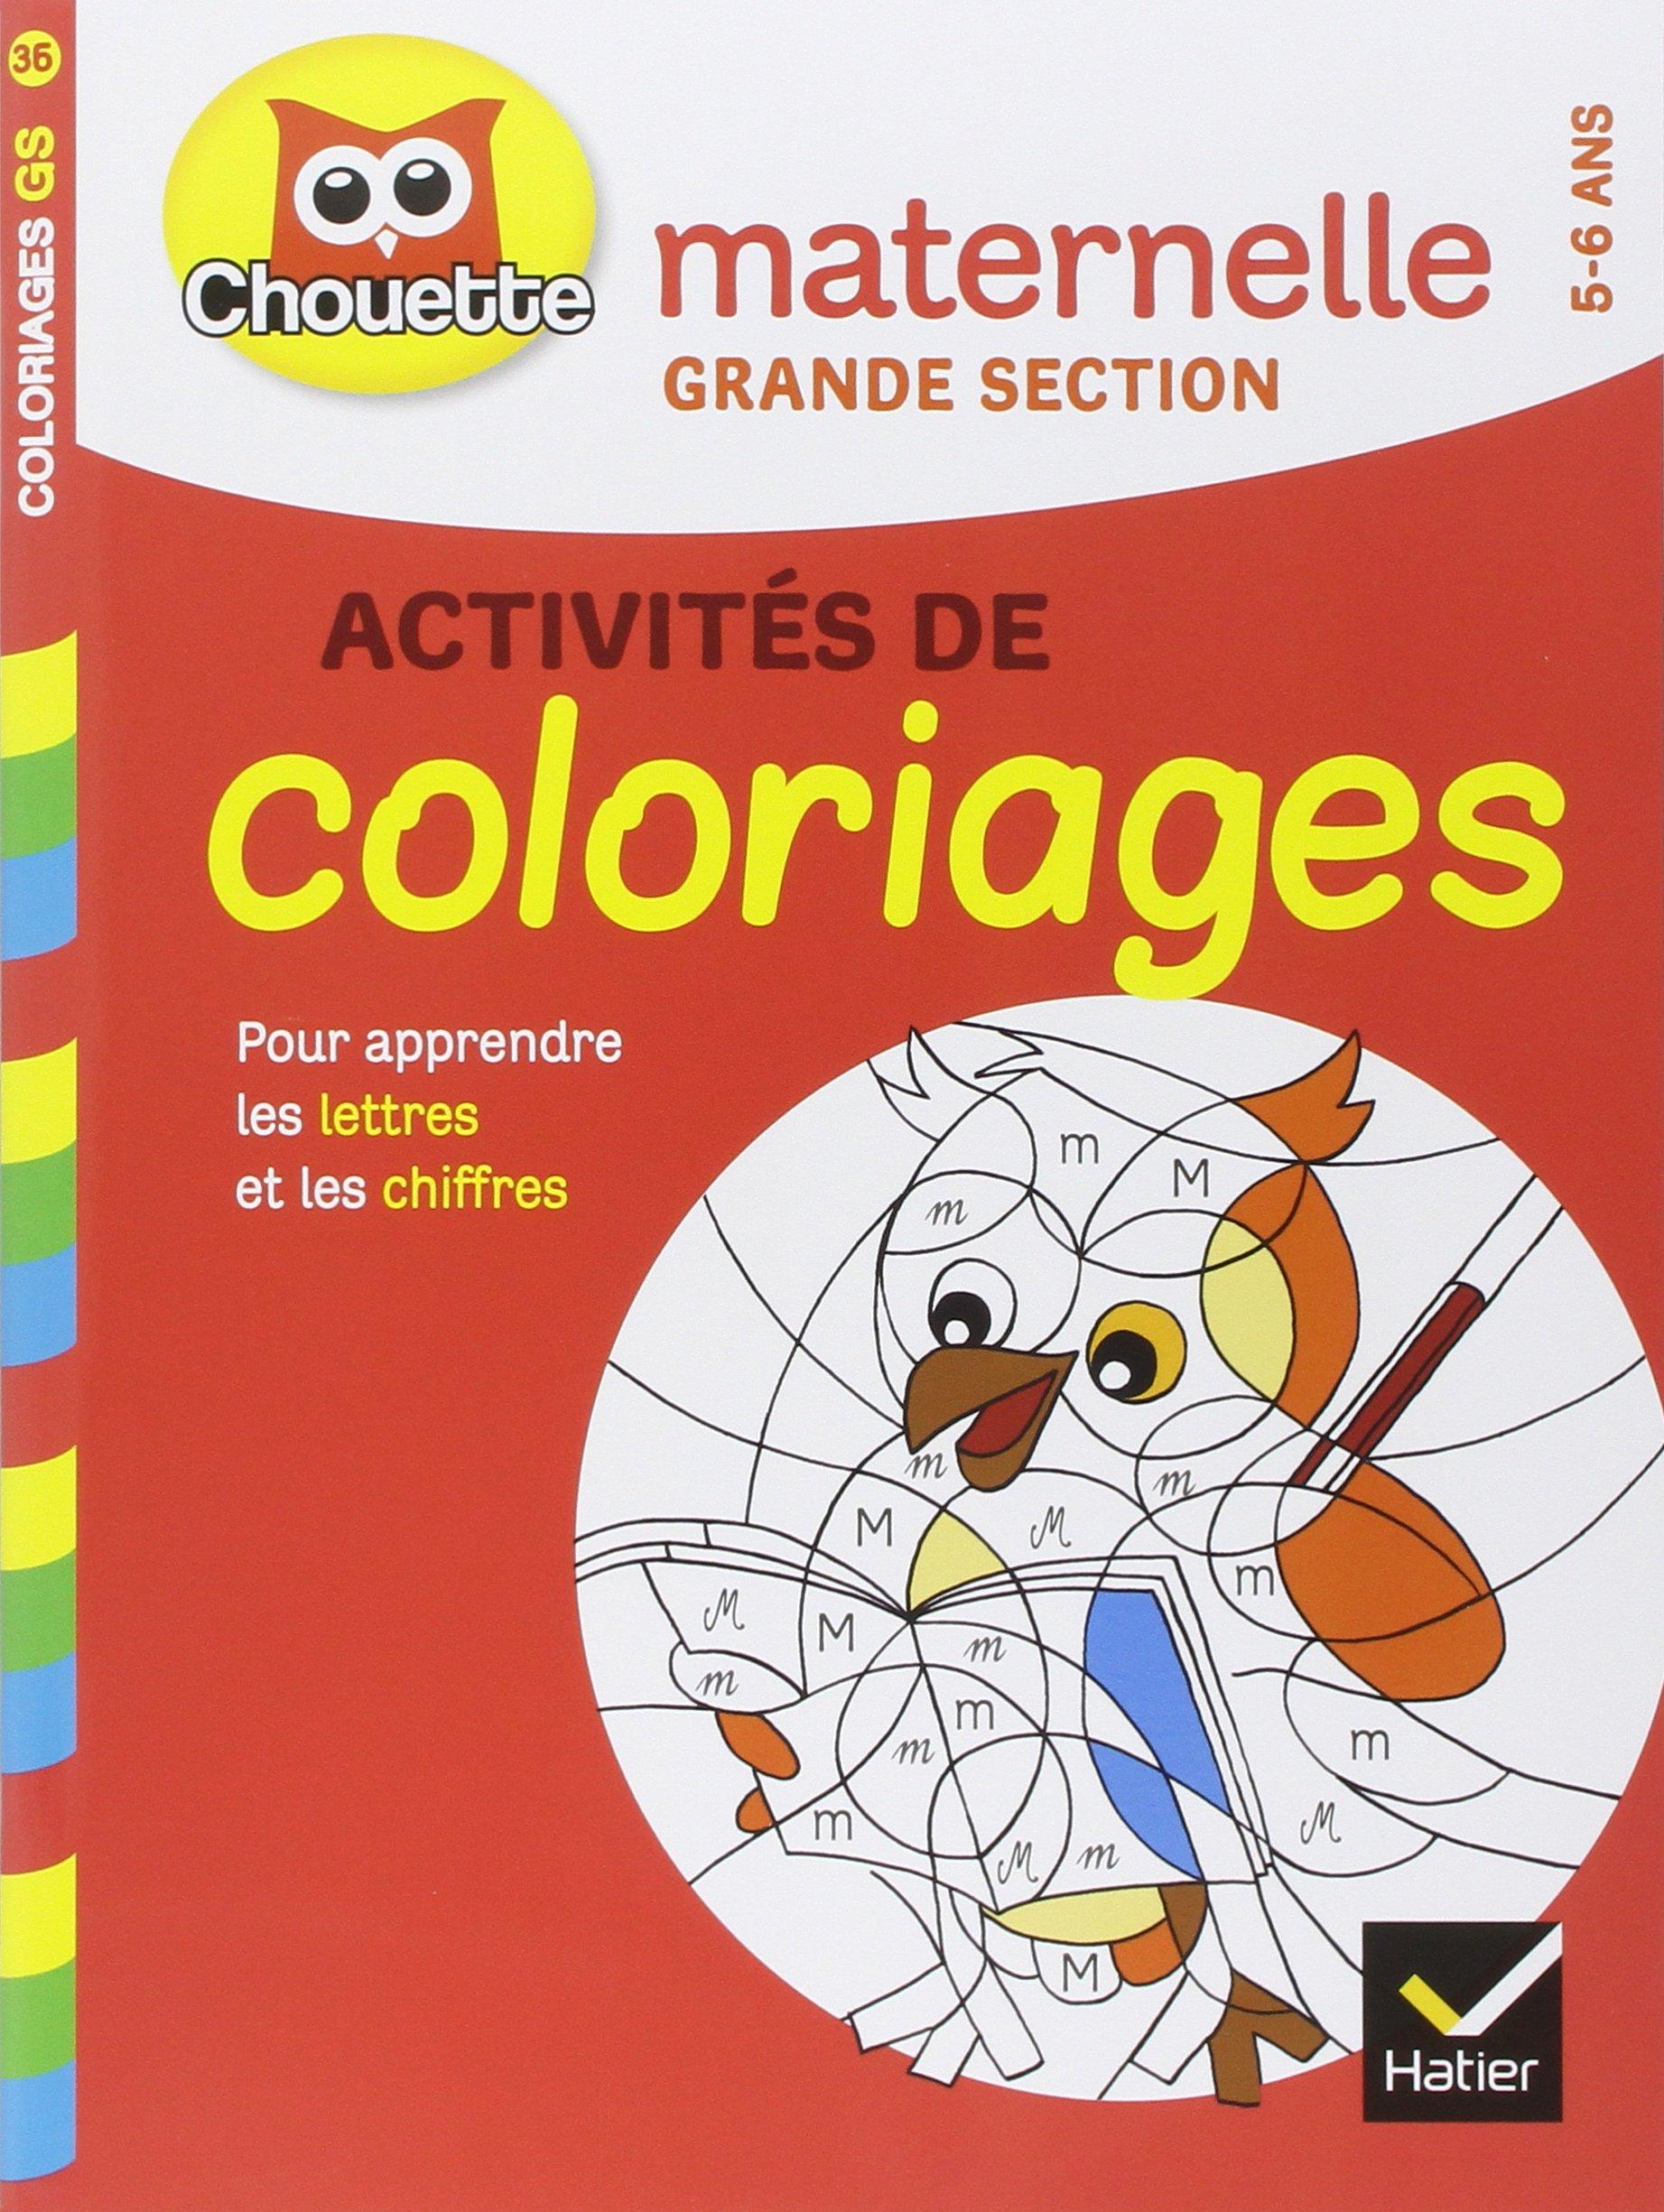 Livres En Francais Chouette Maternelle Coloriages Grande